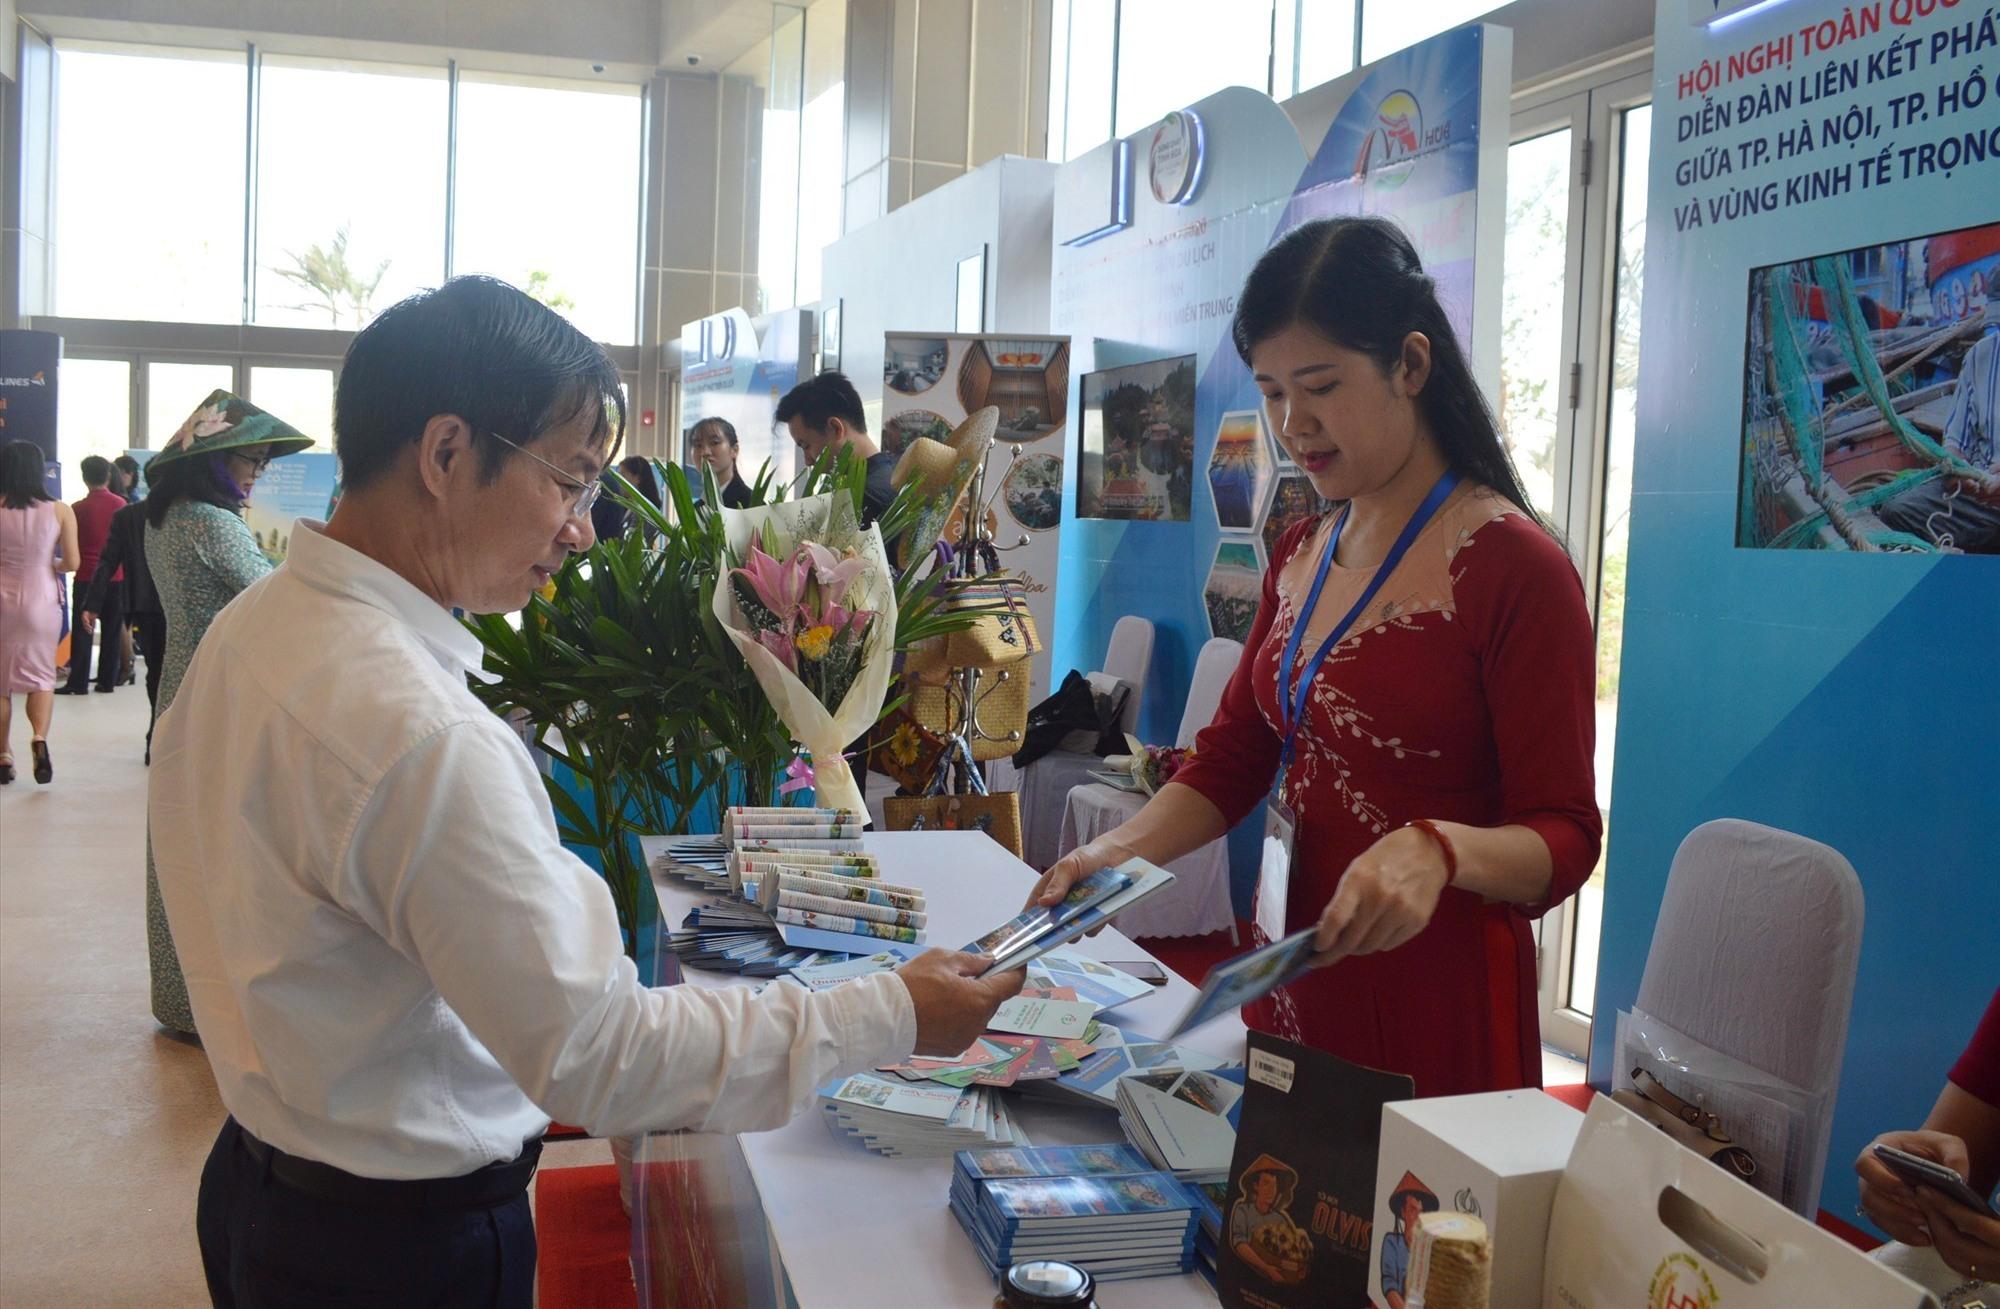 Đại biểu tìm hiểu các gian hàng du lịch các địa phương trưng bày bên lề sự kiện Diễn đàn du lịch